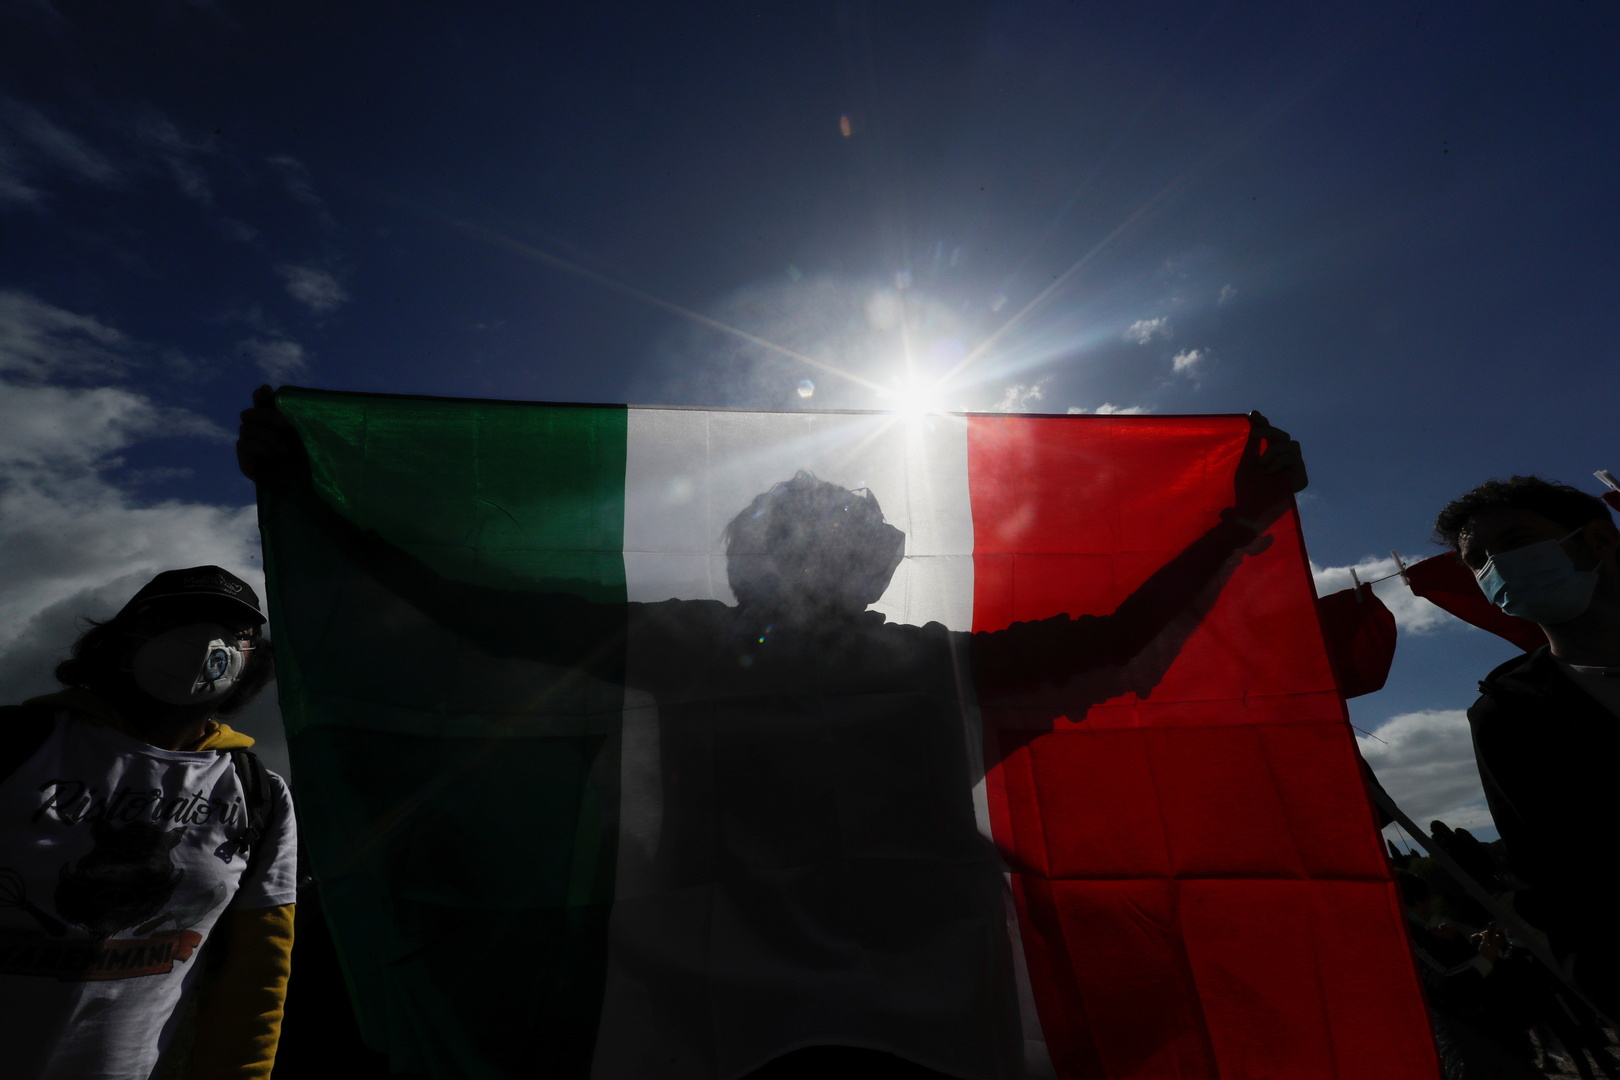 إيطاليا: توقيف مجموعة عنصرية كانت تخطط لهجوم ضد مبنى الناتو